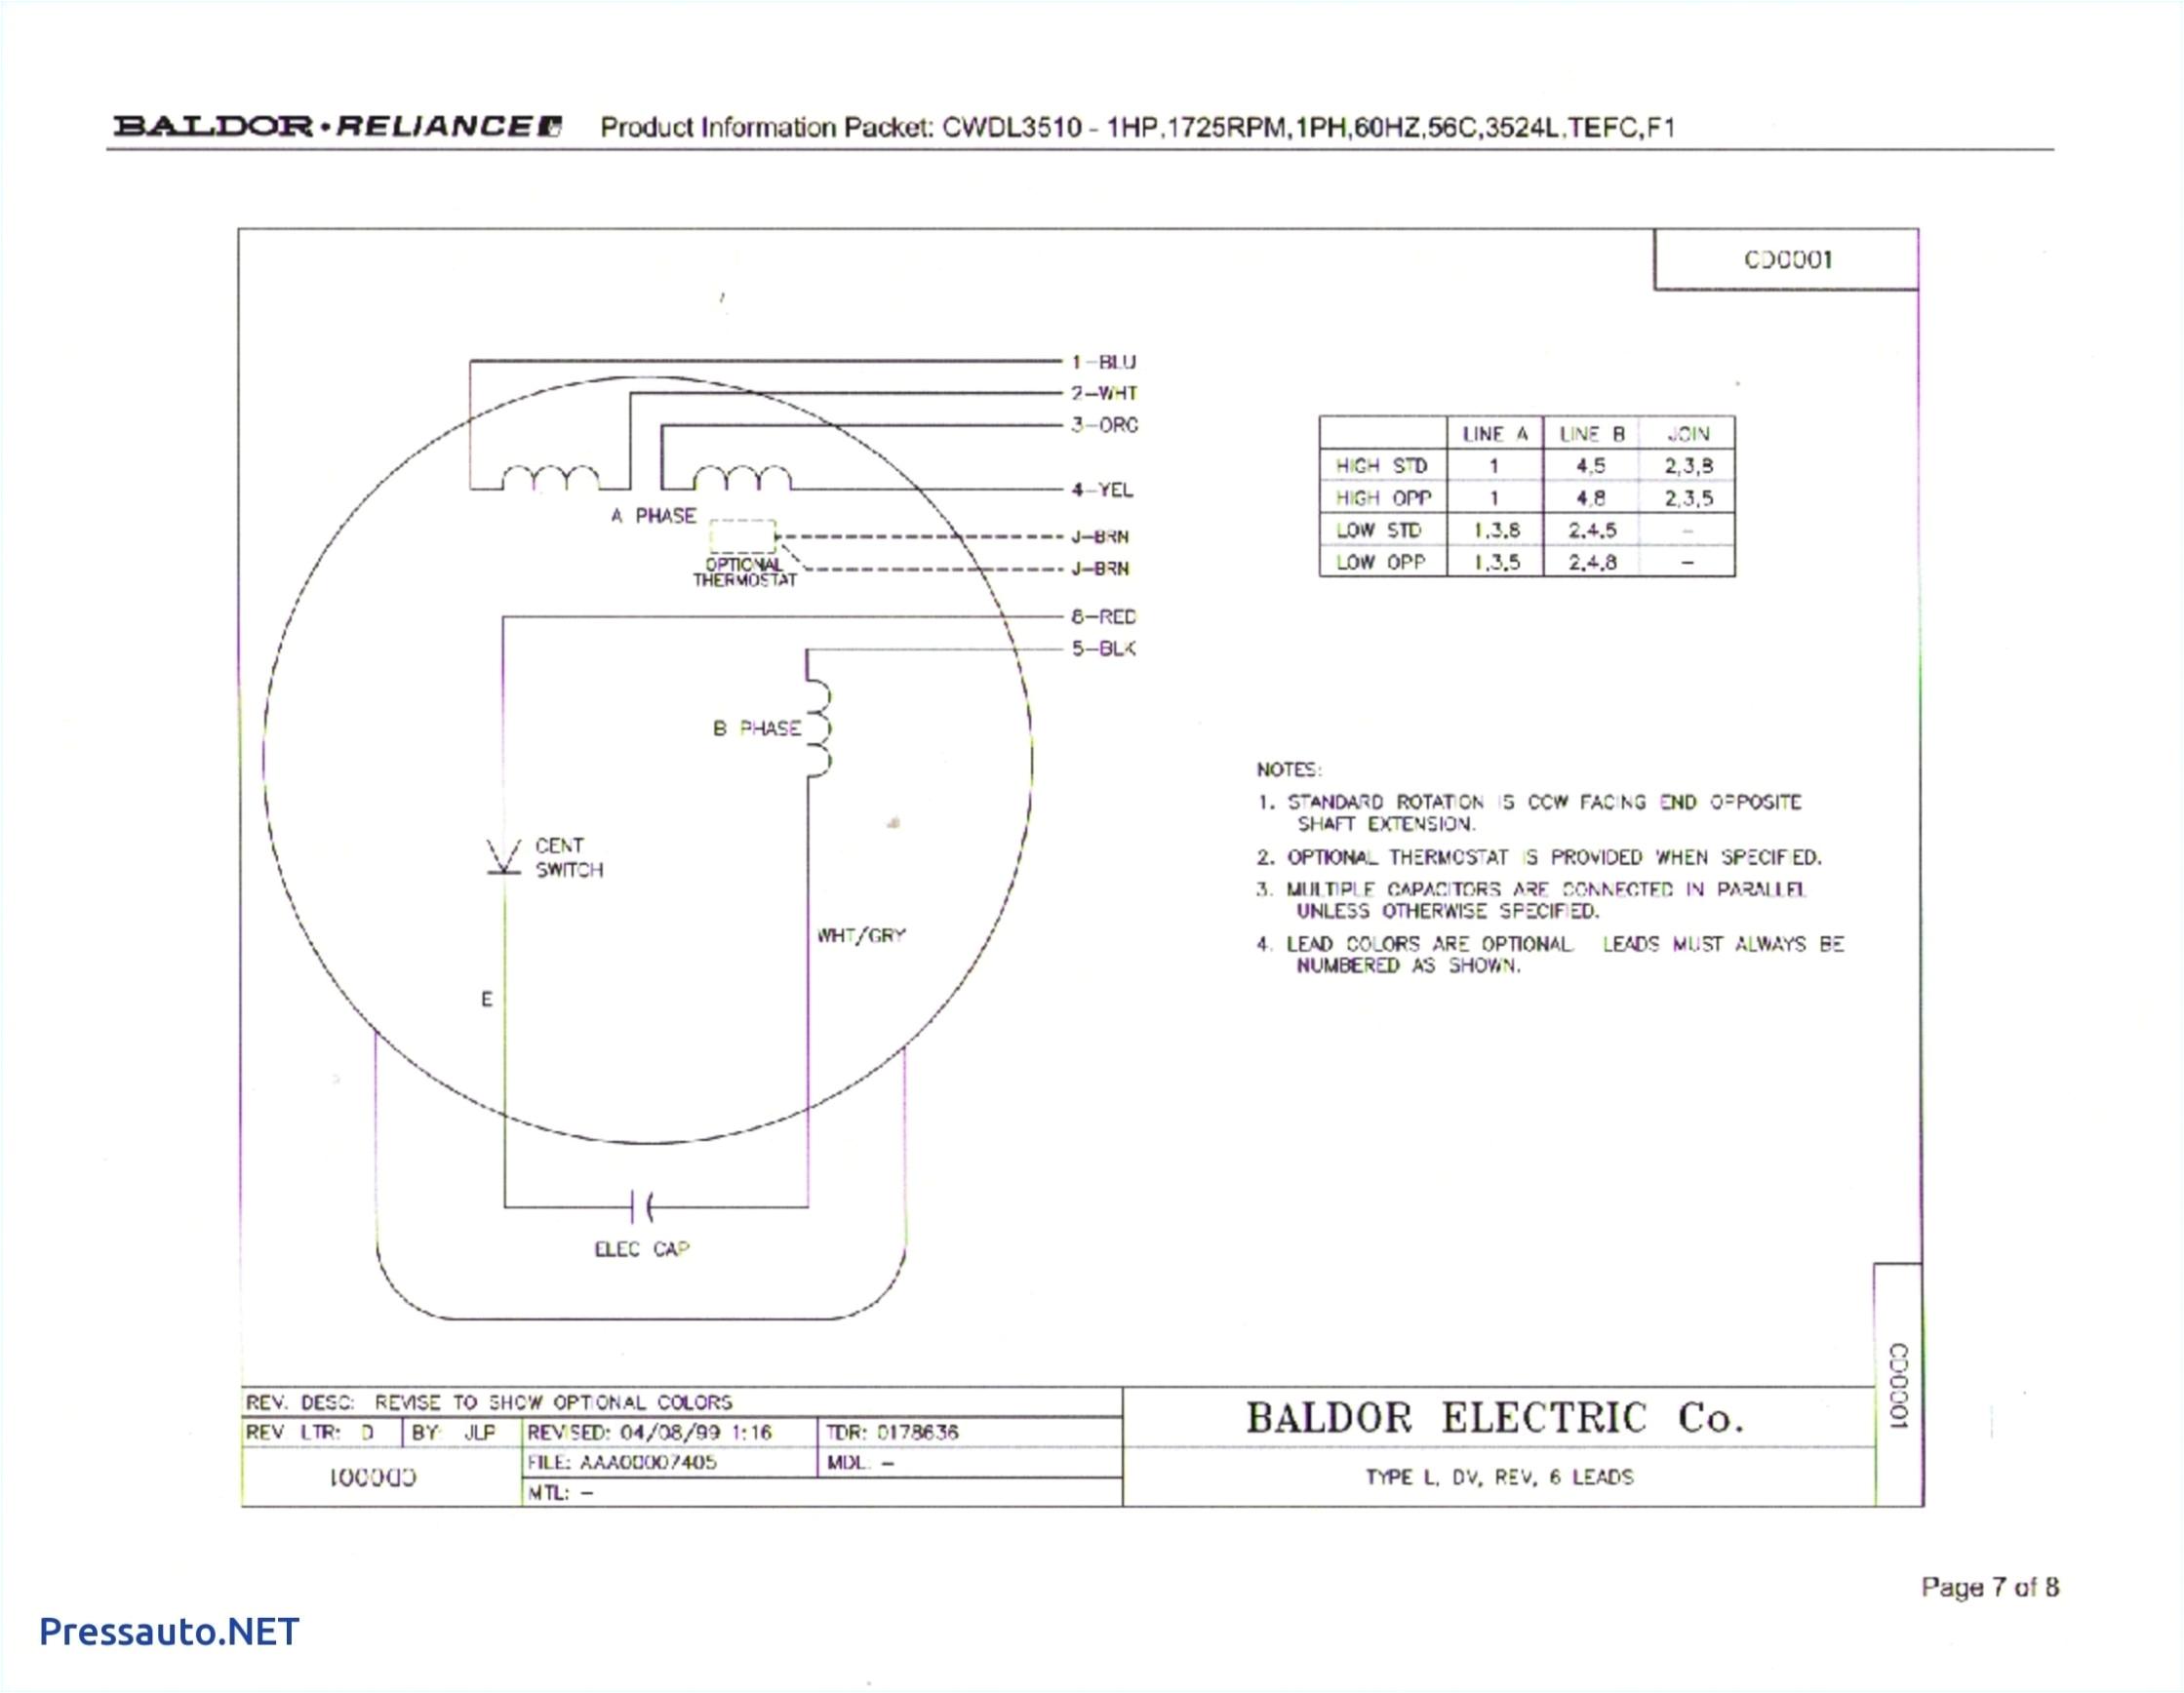 dayton electric motor capacitor wiring wiring diagram name dayton electric motor cw ccw wiring diagram wiring